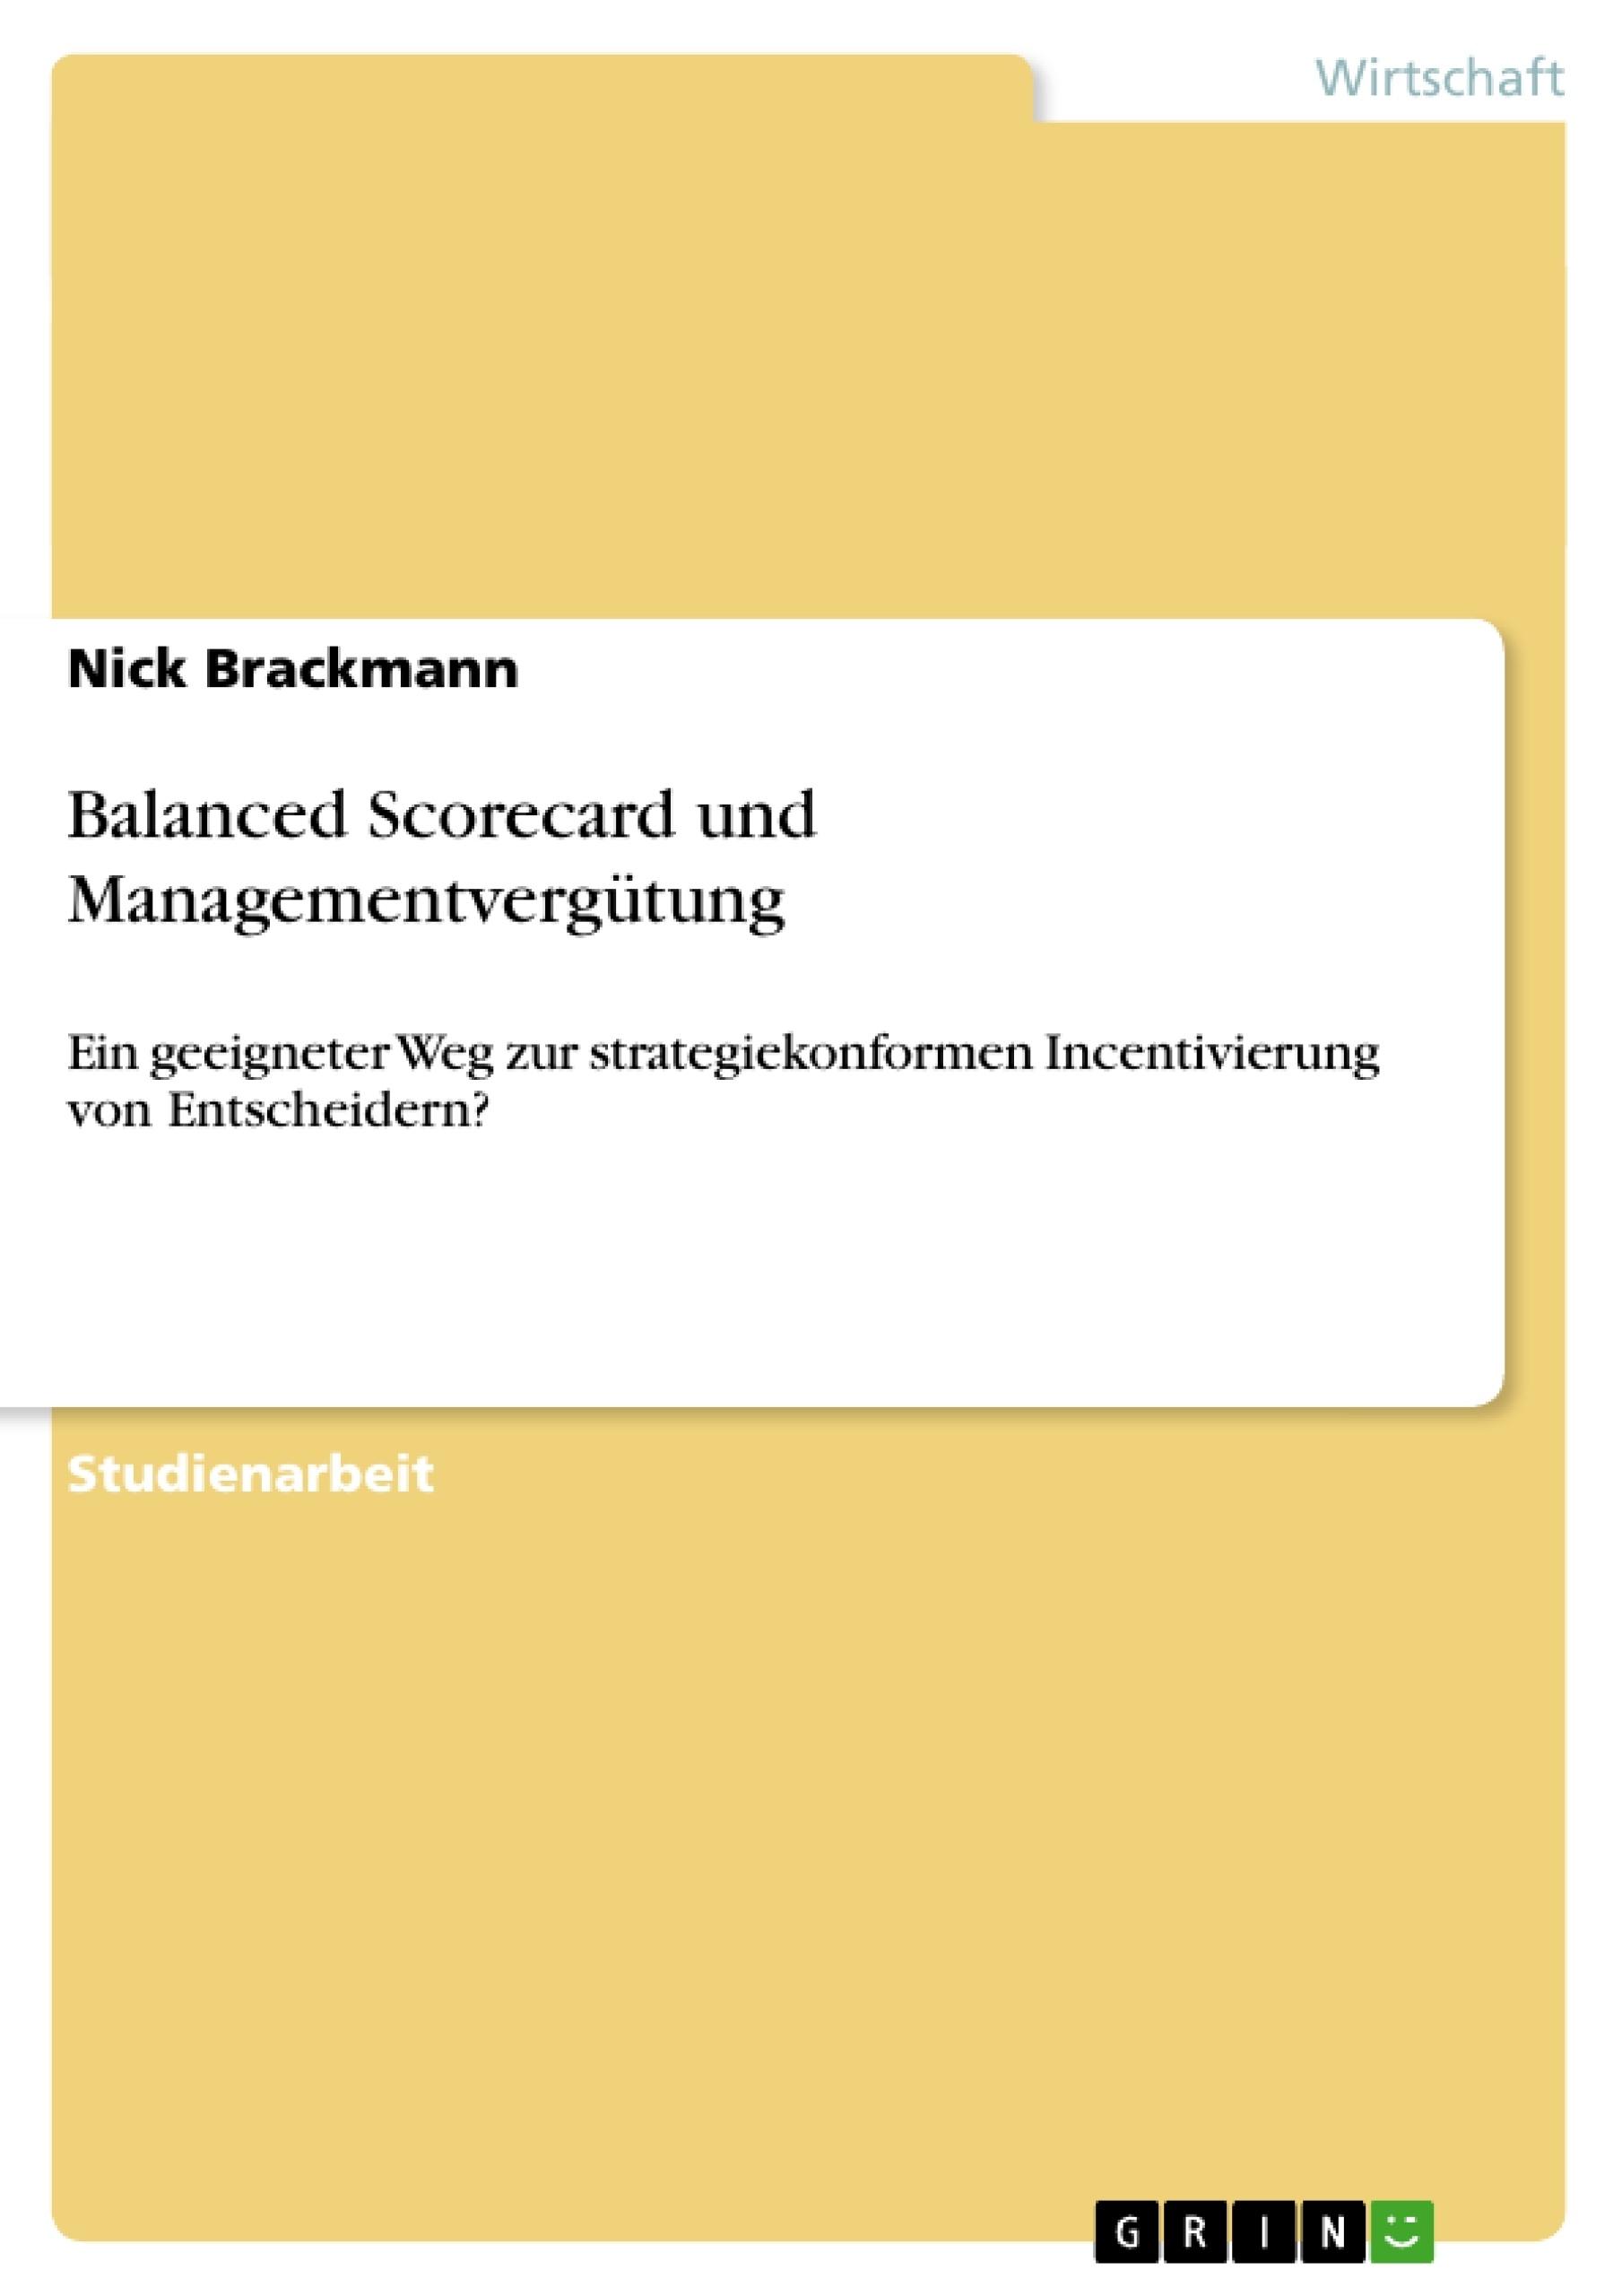 Titel: Balanced Scorecard und Managementvergütung